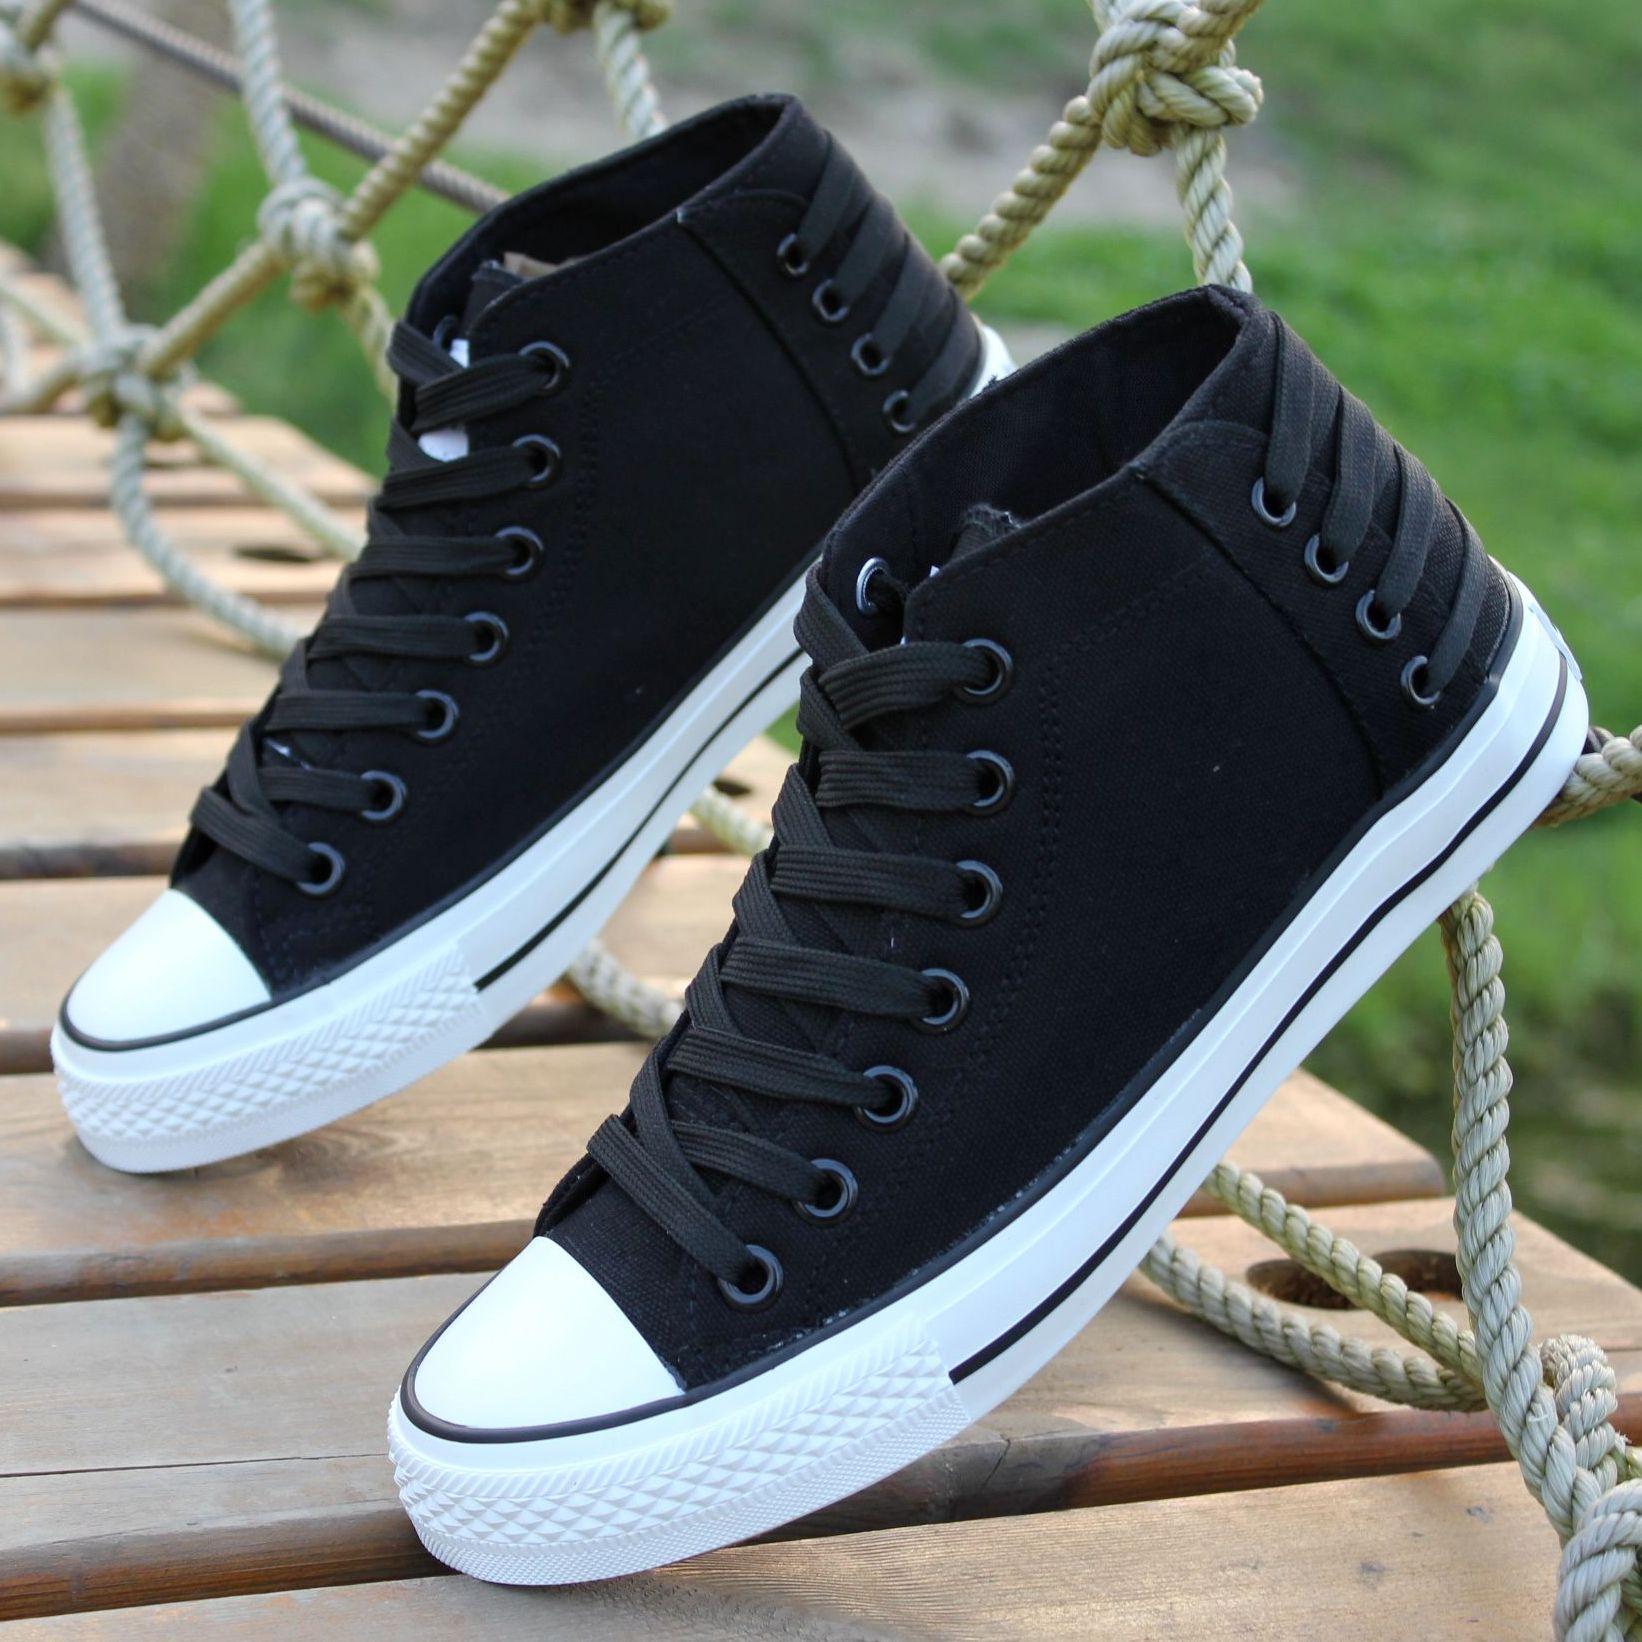 Лето, новый стиль холст обувь мужская обувь высокого топ кроссовки подростков мужского корейской версии вспышки черный халаты, обувь